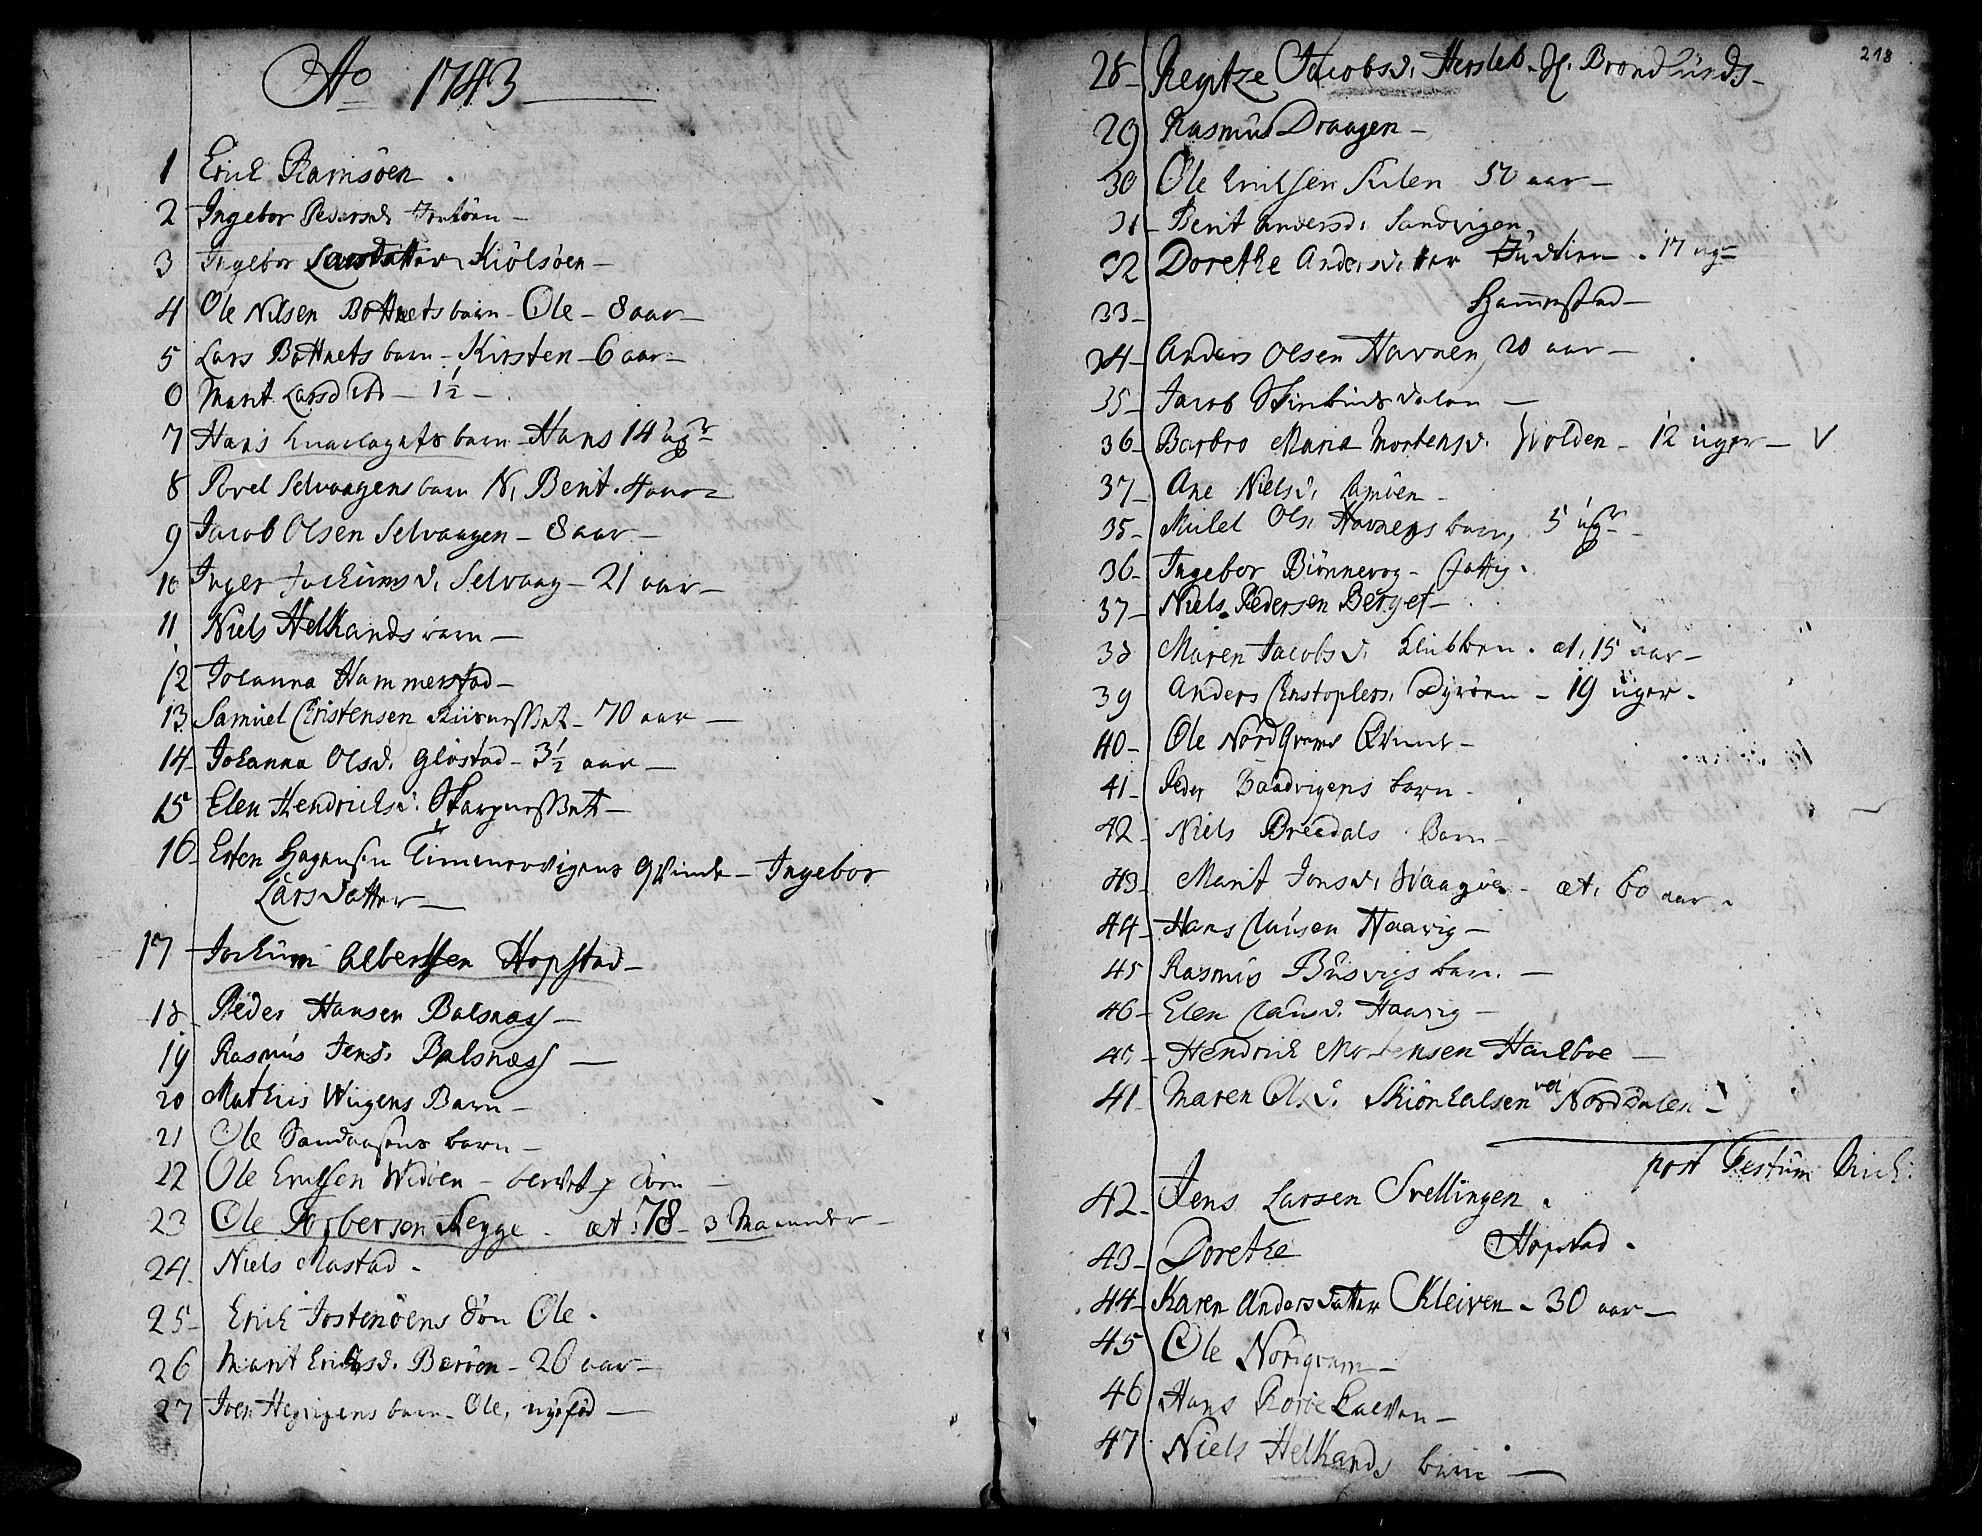 SAT, Ministerialprotokoller, klokkerbøker og fødselsregistre - Sør-Trøndelag, 634/L0525: Ministerialbok nr. 634A01, 1736-1775, s. 218